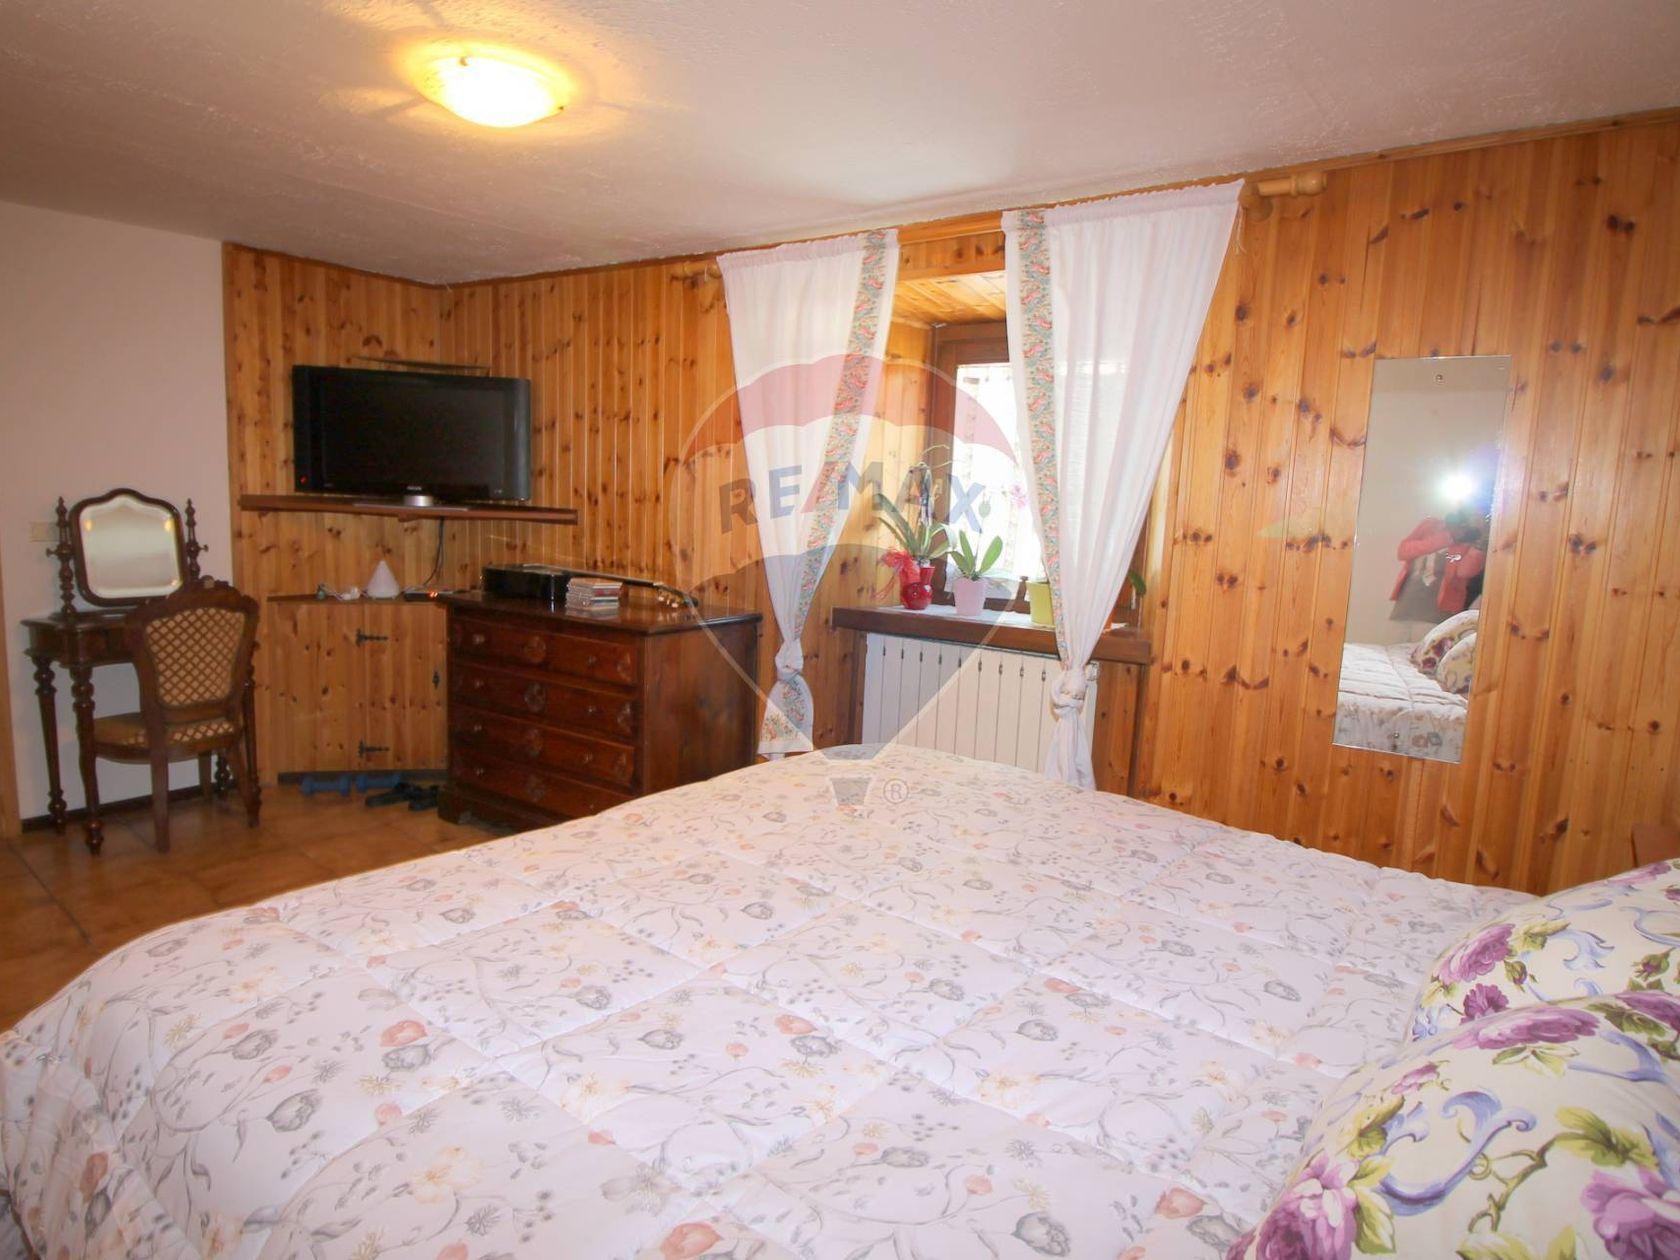 Appartamento Oulx, TO Affitto - Foto 6